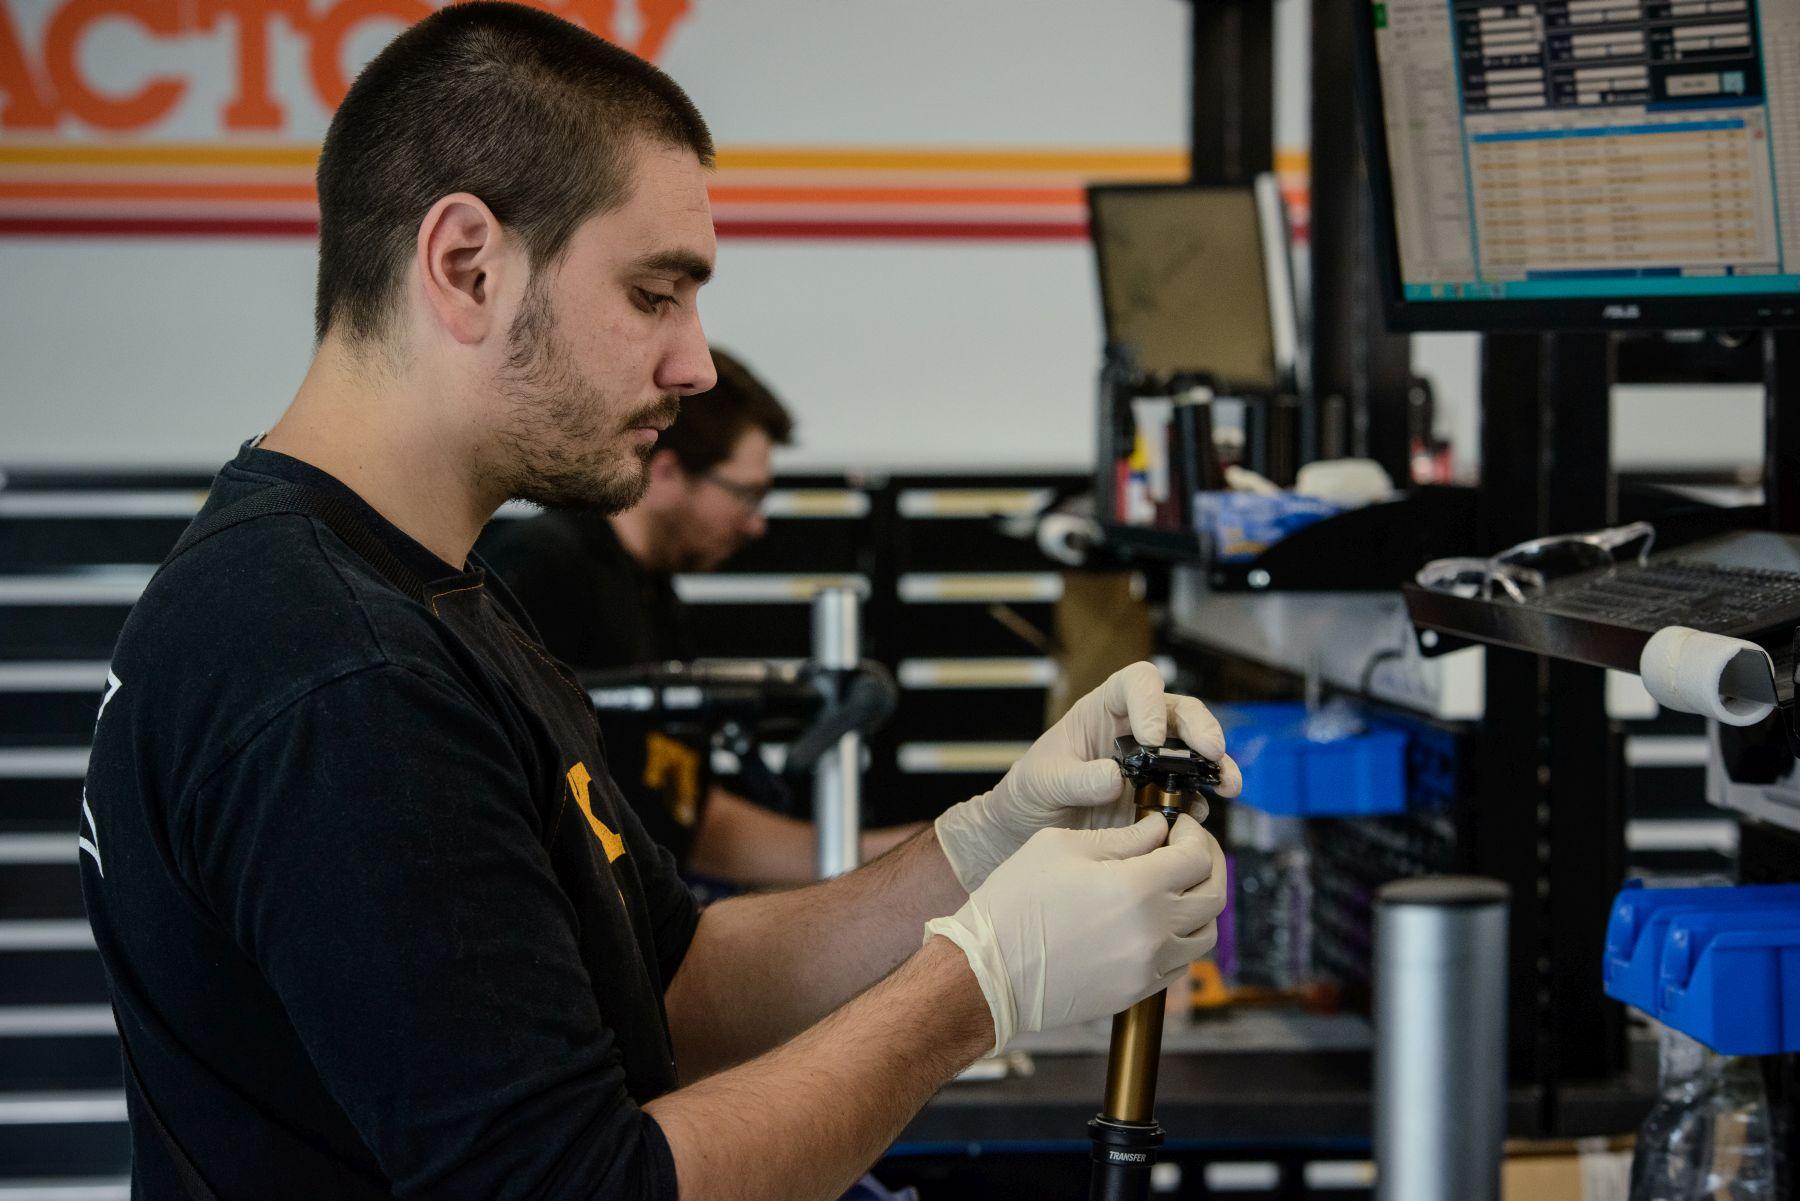 Cada técnico tiene su espacio individual con todo lo necesario para trabajar de forma independiente. De media se realizan unos 40 servicios diarios. Horquillas, amortiguadores y ahora también tijas telescópicas.